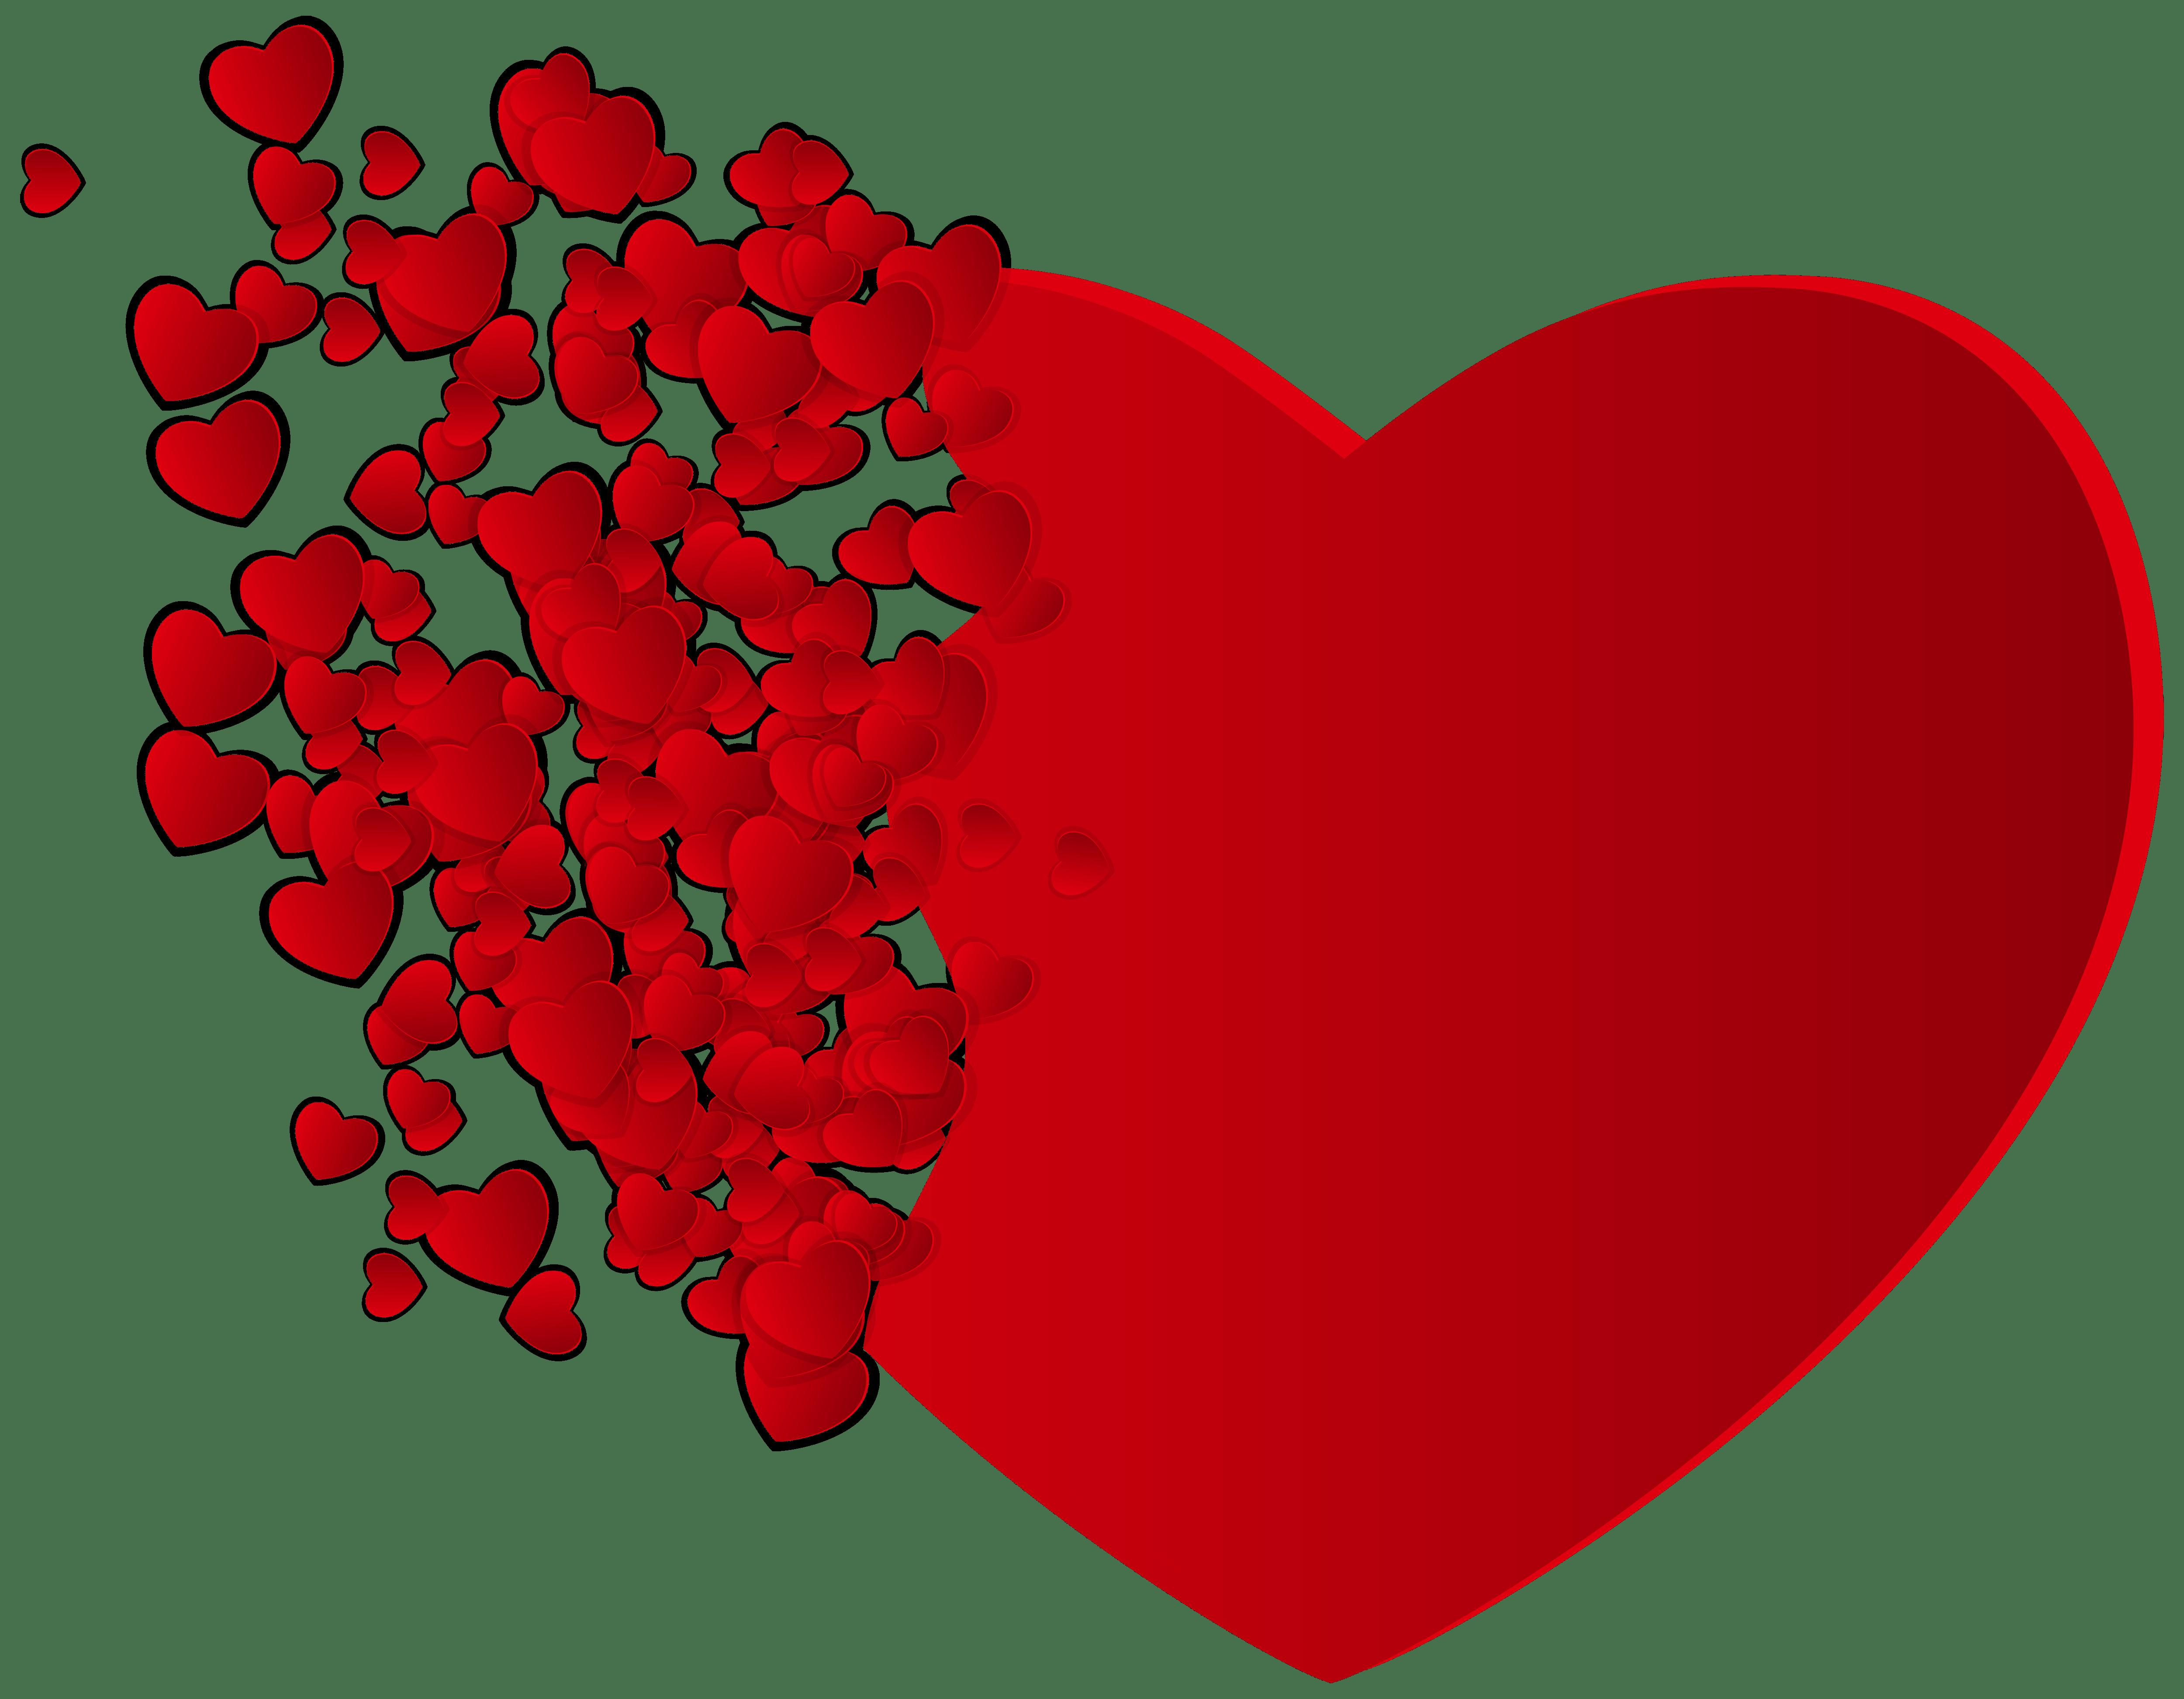 PNG HD Hearts - 124743